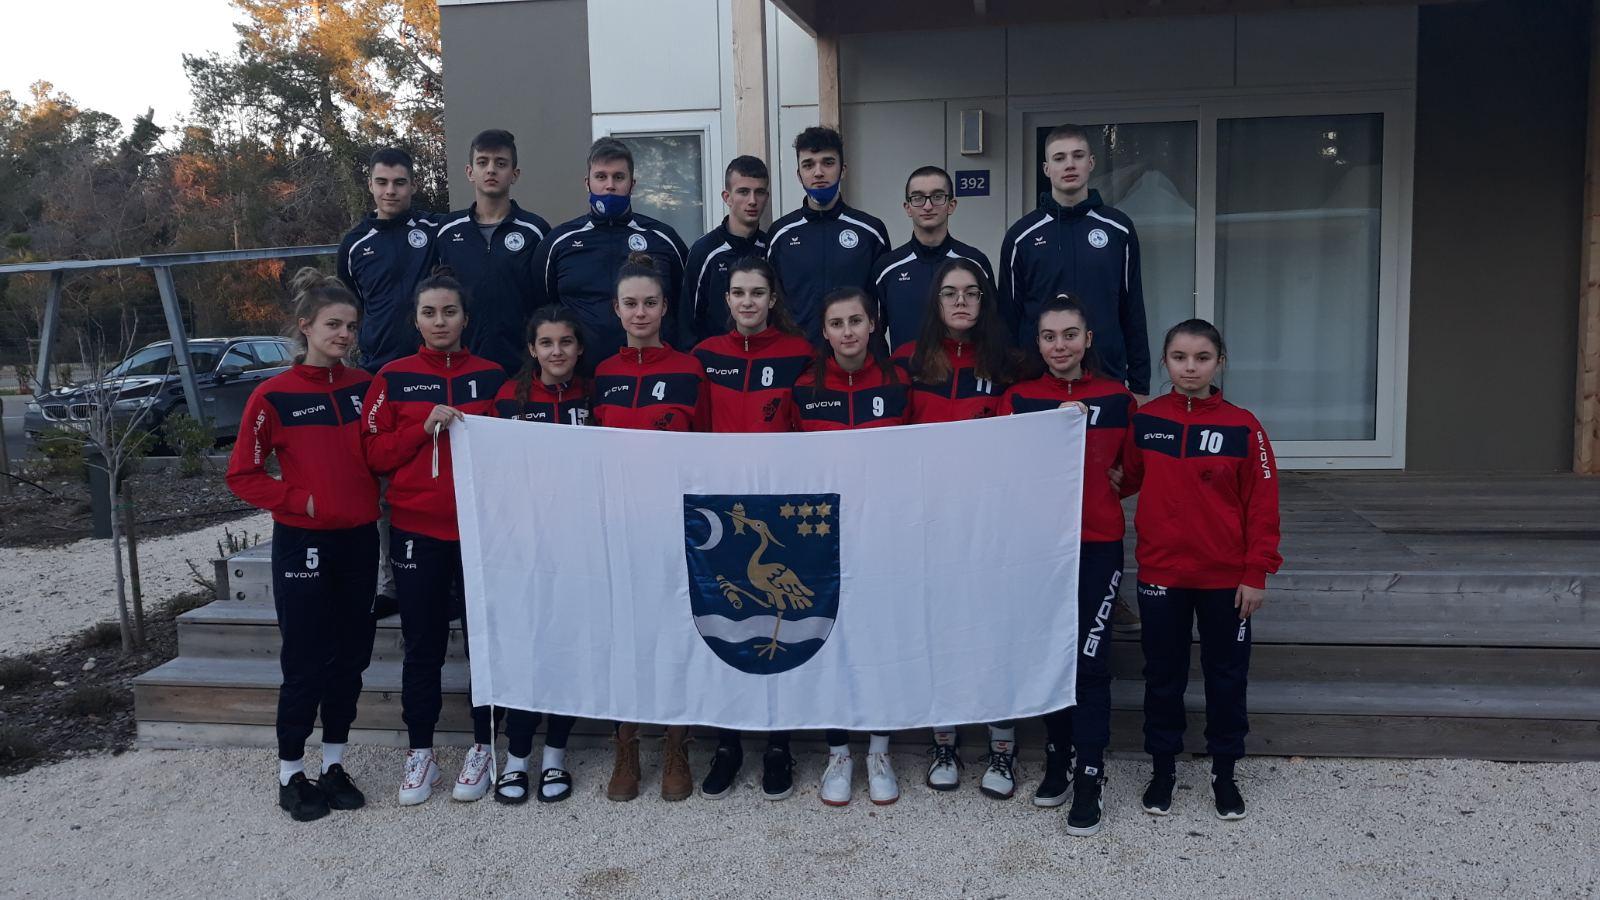 MOK Marsonia i OK Posavina Brod sudjelovali na Državnom juniorskom prvenstvu u odbojci